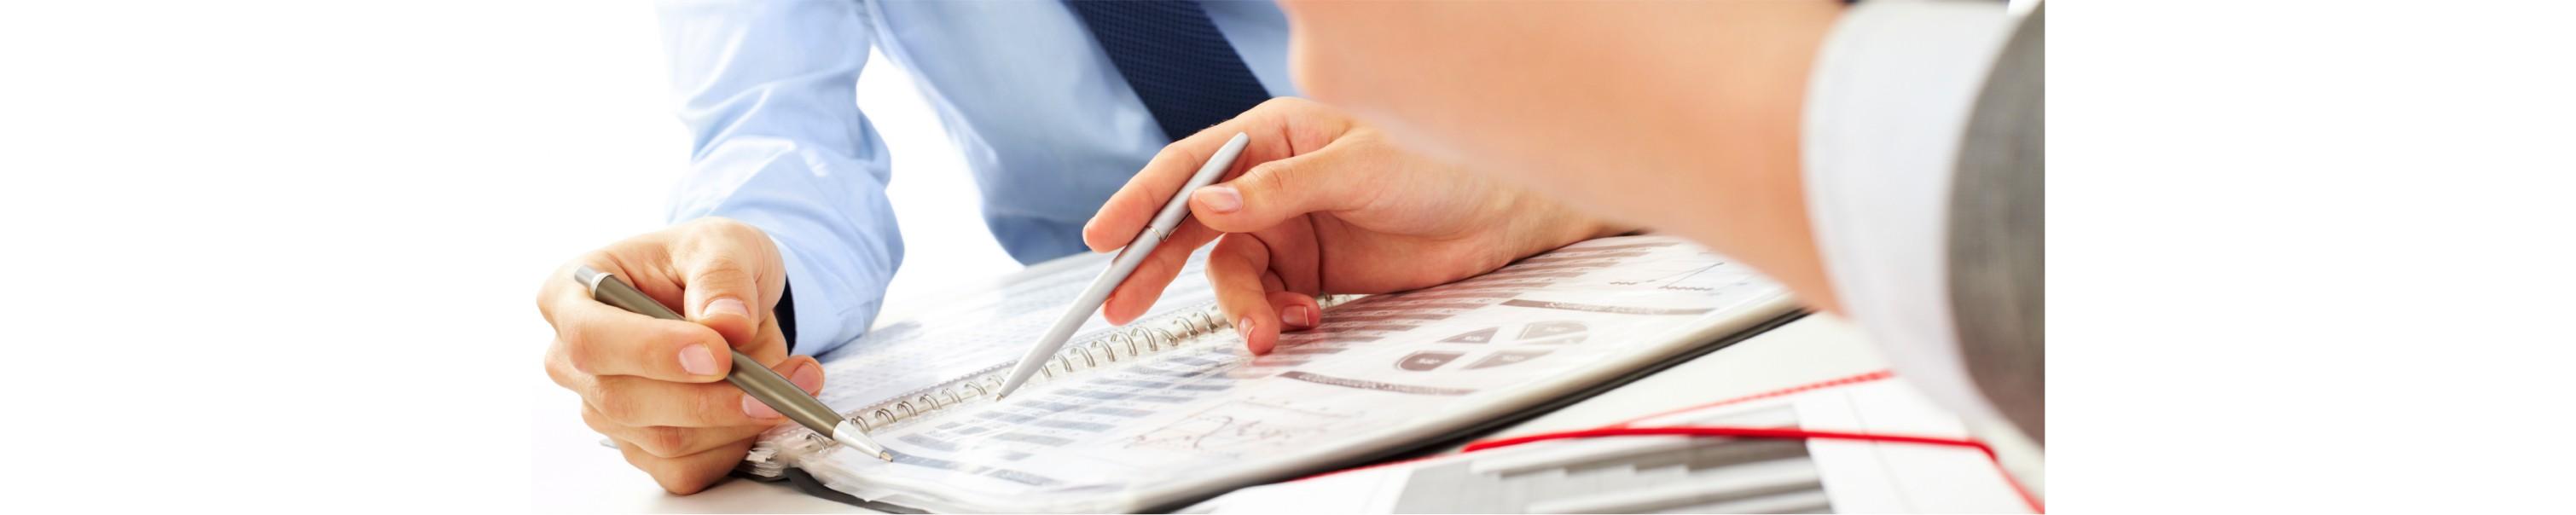 LimoneWeb.it - Realizzazione siti web per piccole e grandi aziende